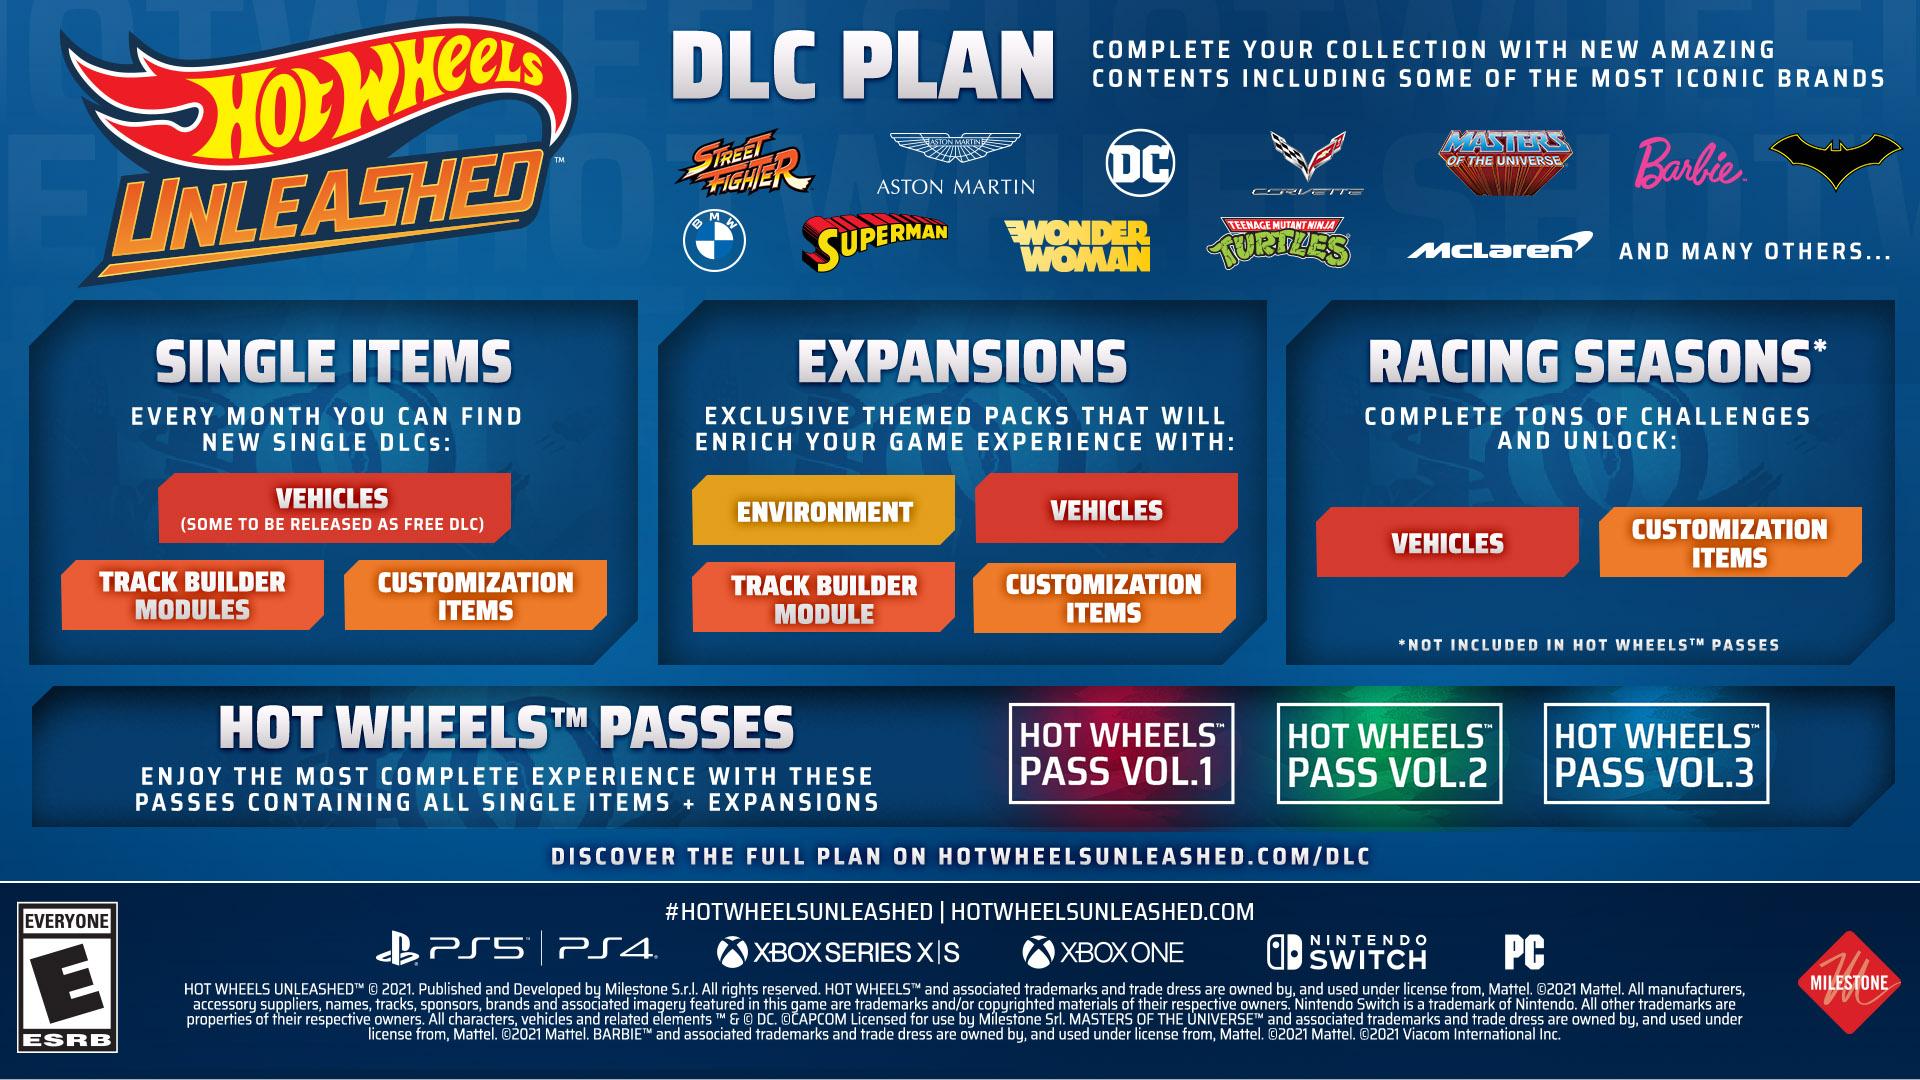 《风火轮:爆发》官方公布未来DLC发布路线图 正式版将于9月30日全平台发售